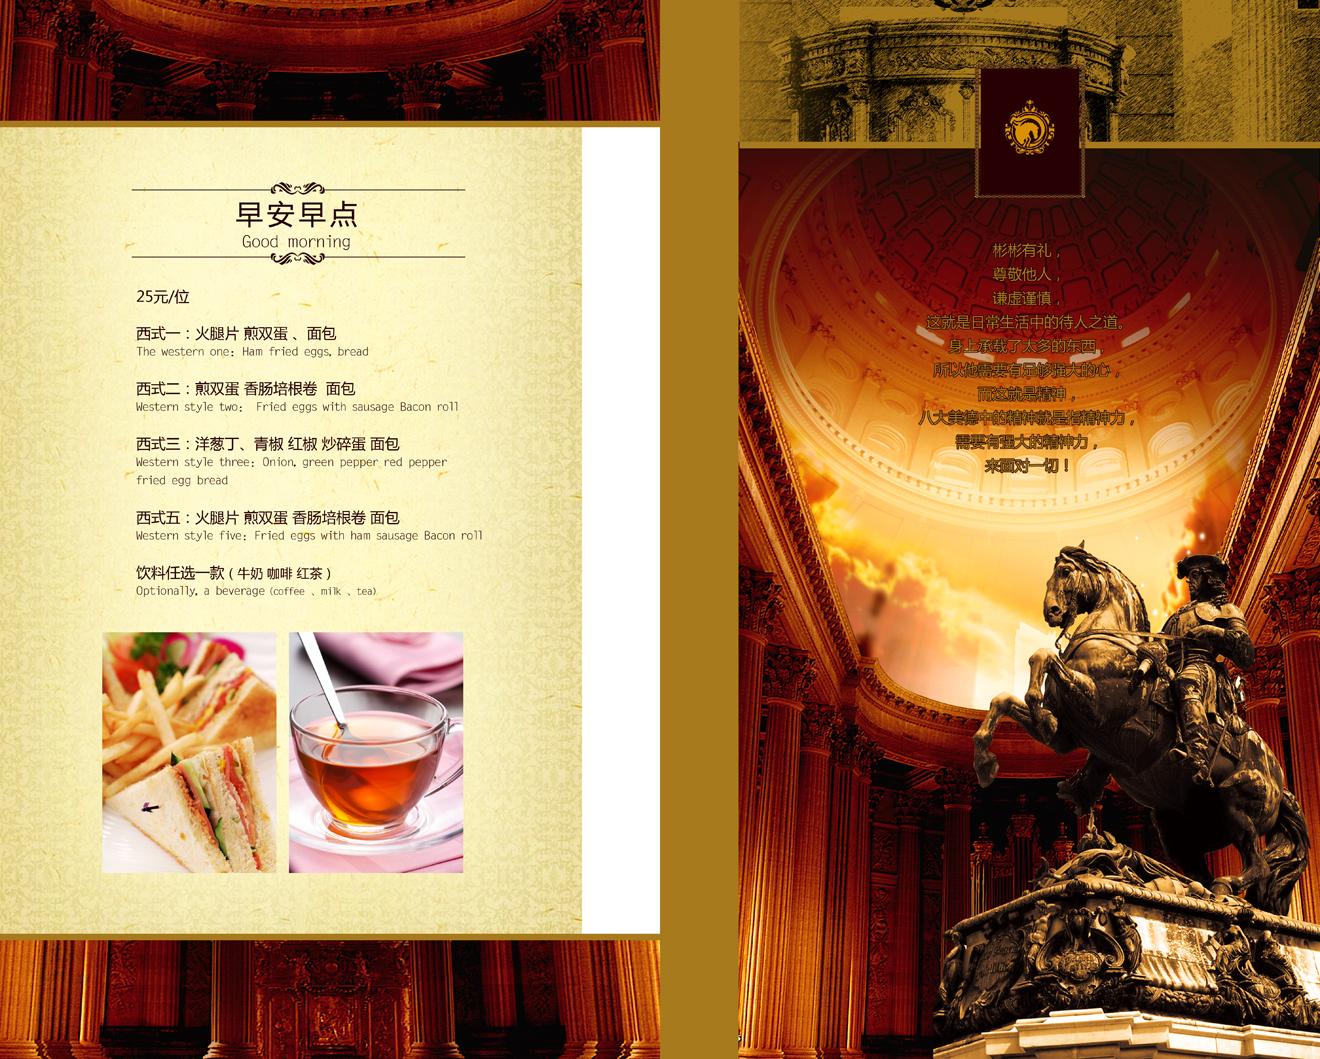 544号菜谱设计:菜谱册欧式咖啡厅